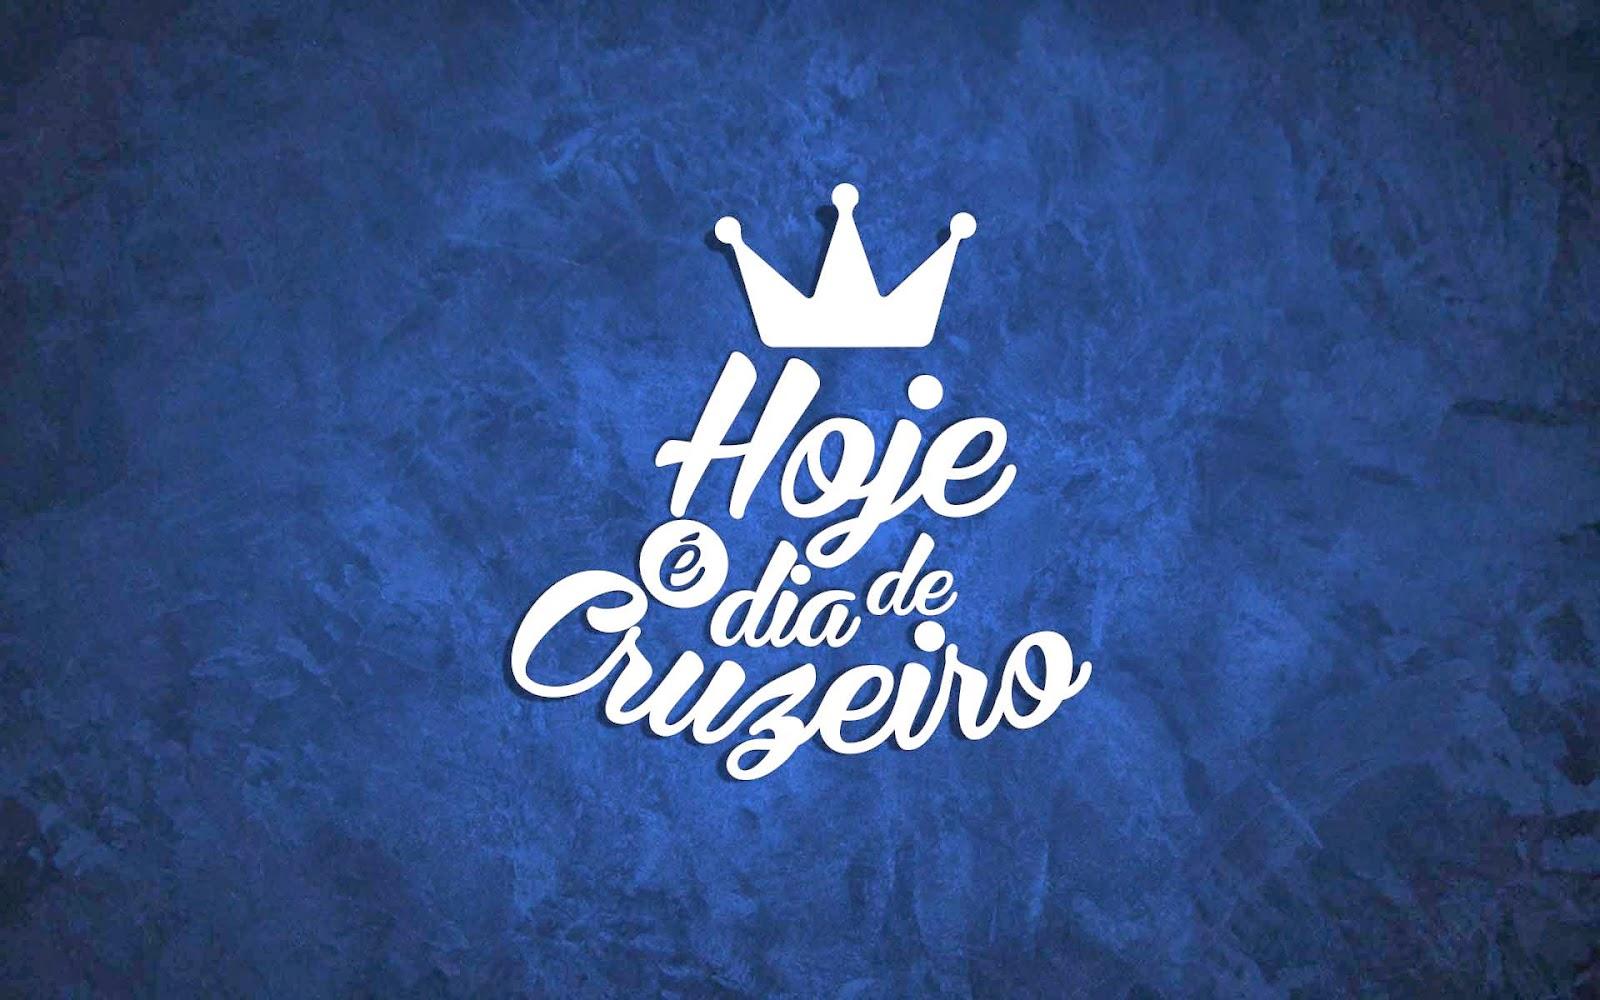 Papel de parede 'hoje e dia de Cruzeiro'